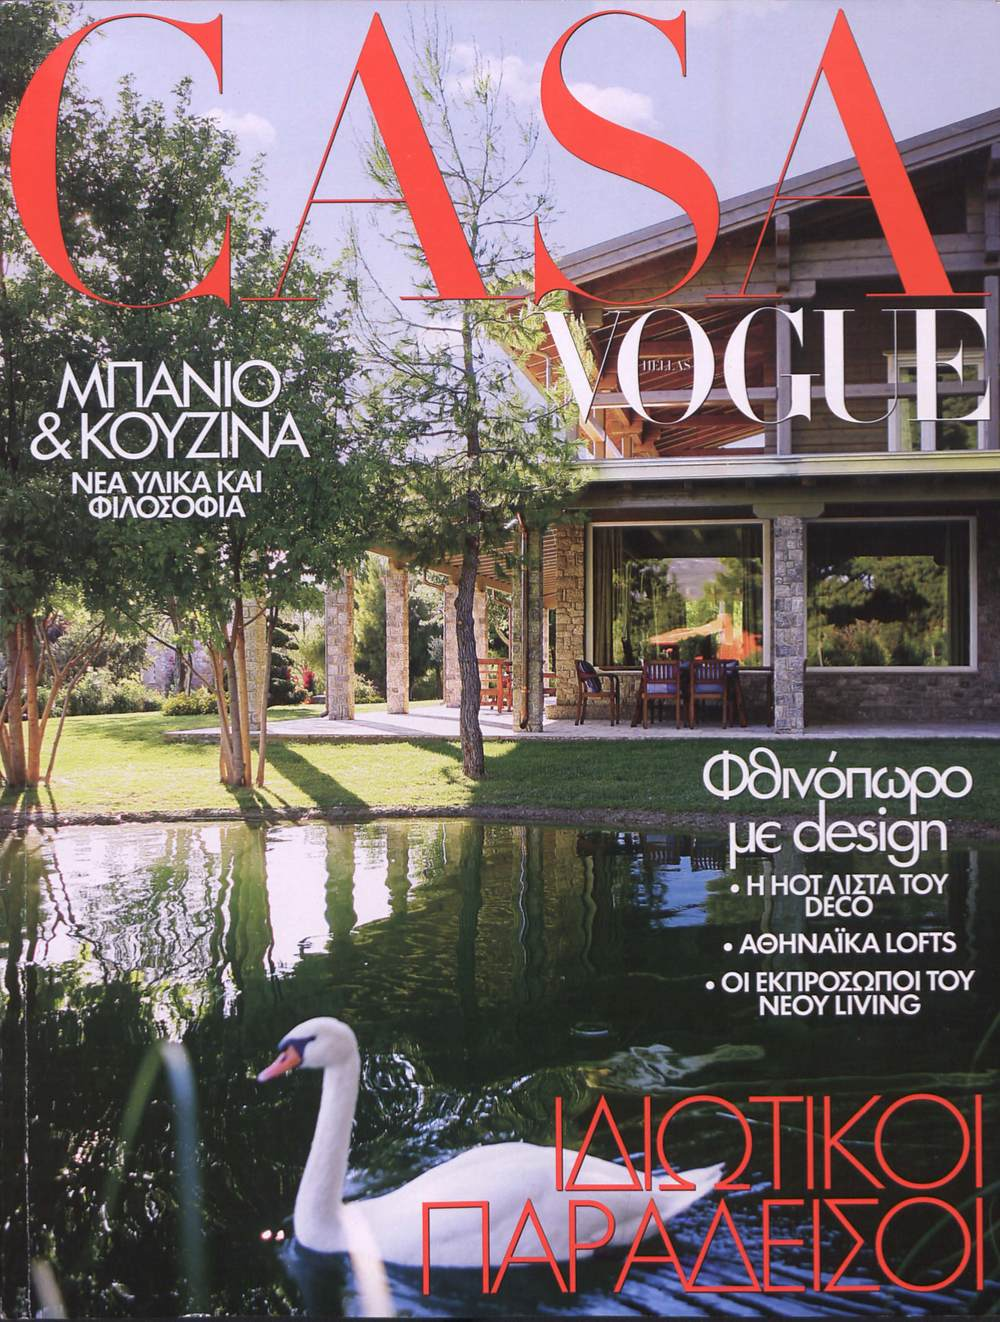 Casa Vogue Hellas